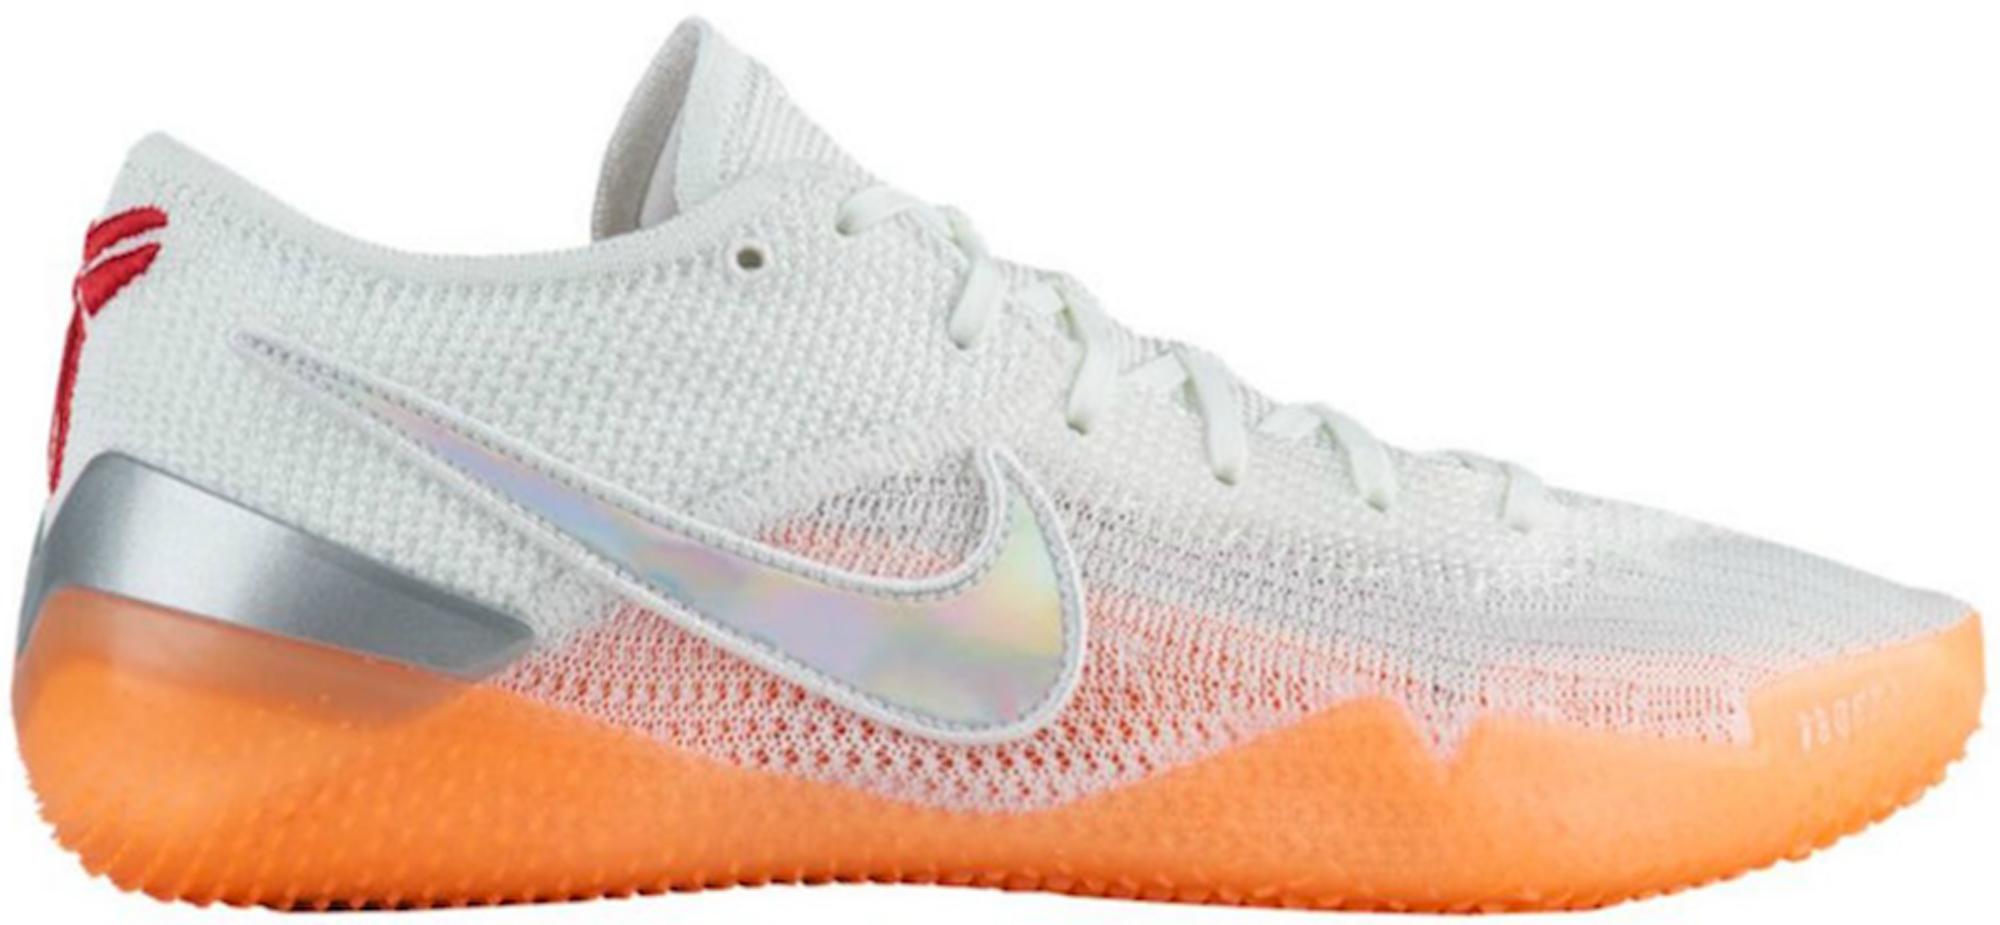 Nike Kobe AD NXT 360 Infrared